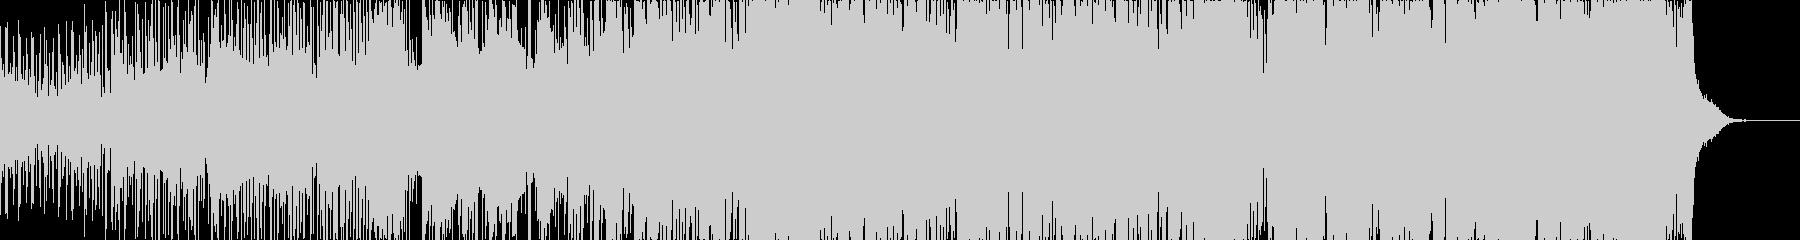 明るめなEDMの未再生の波形